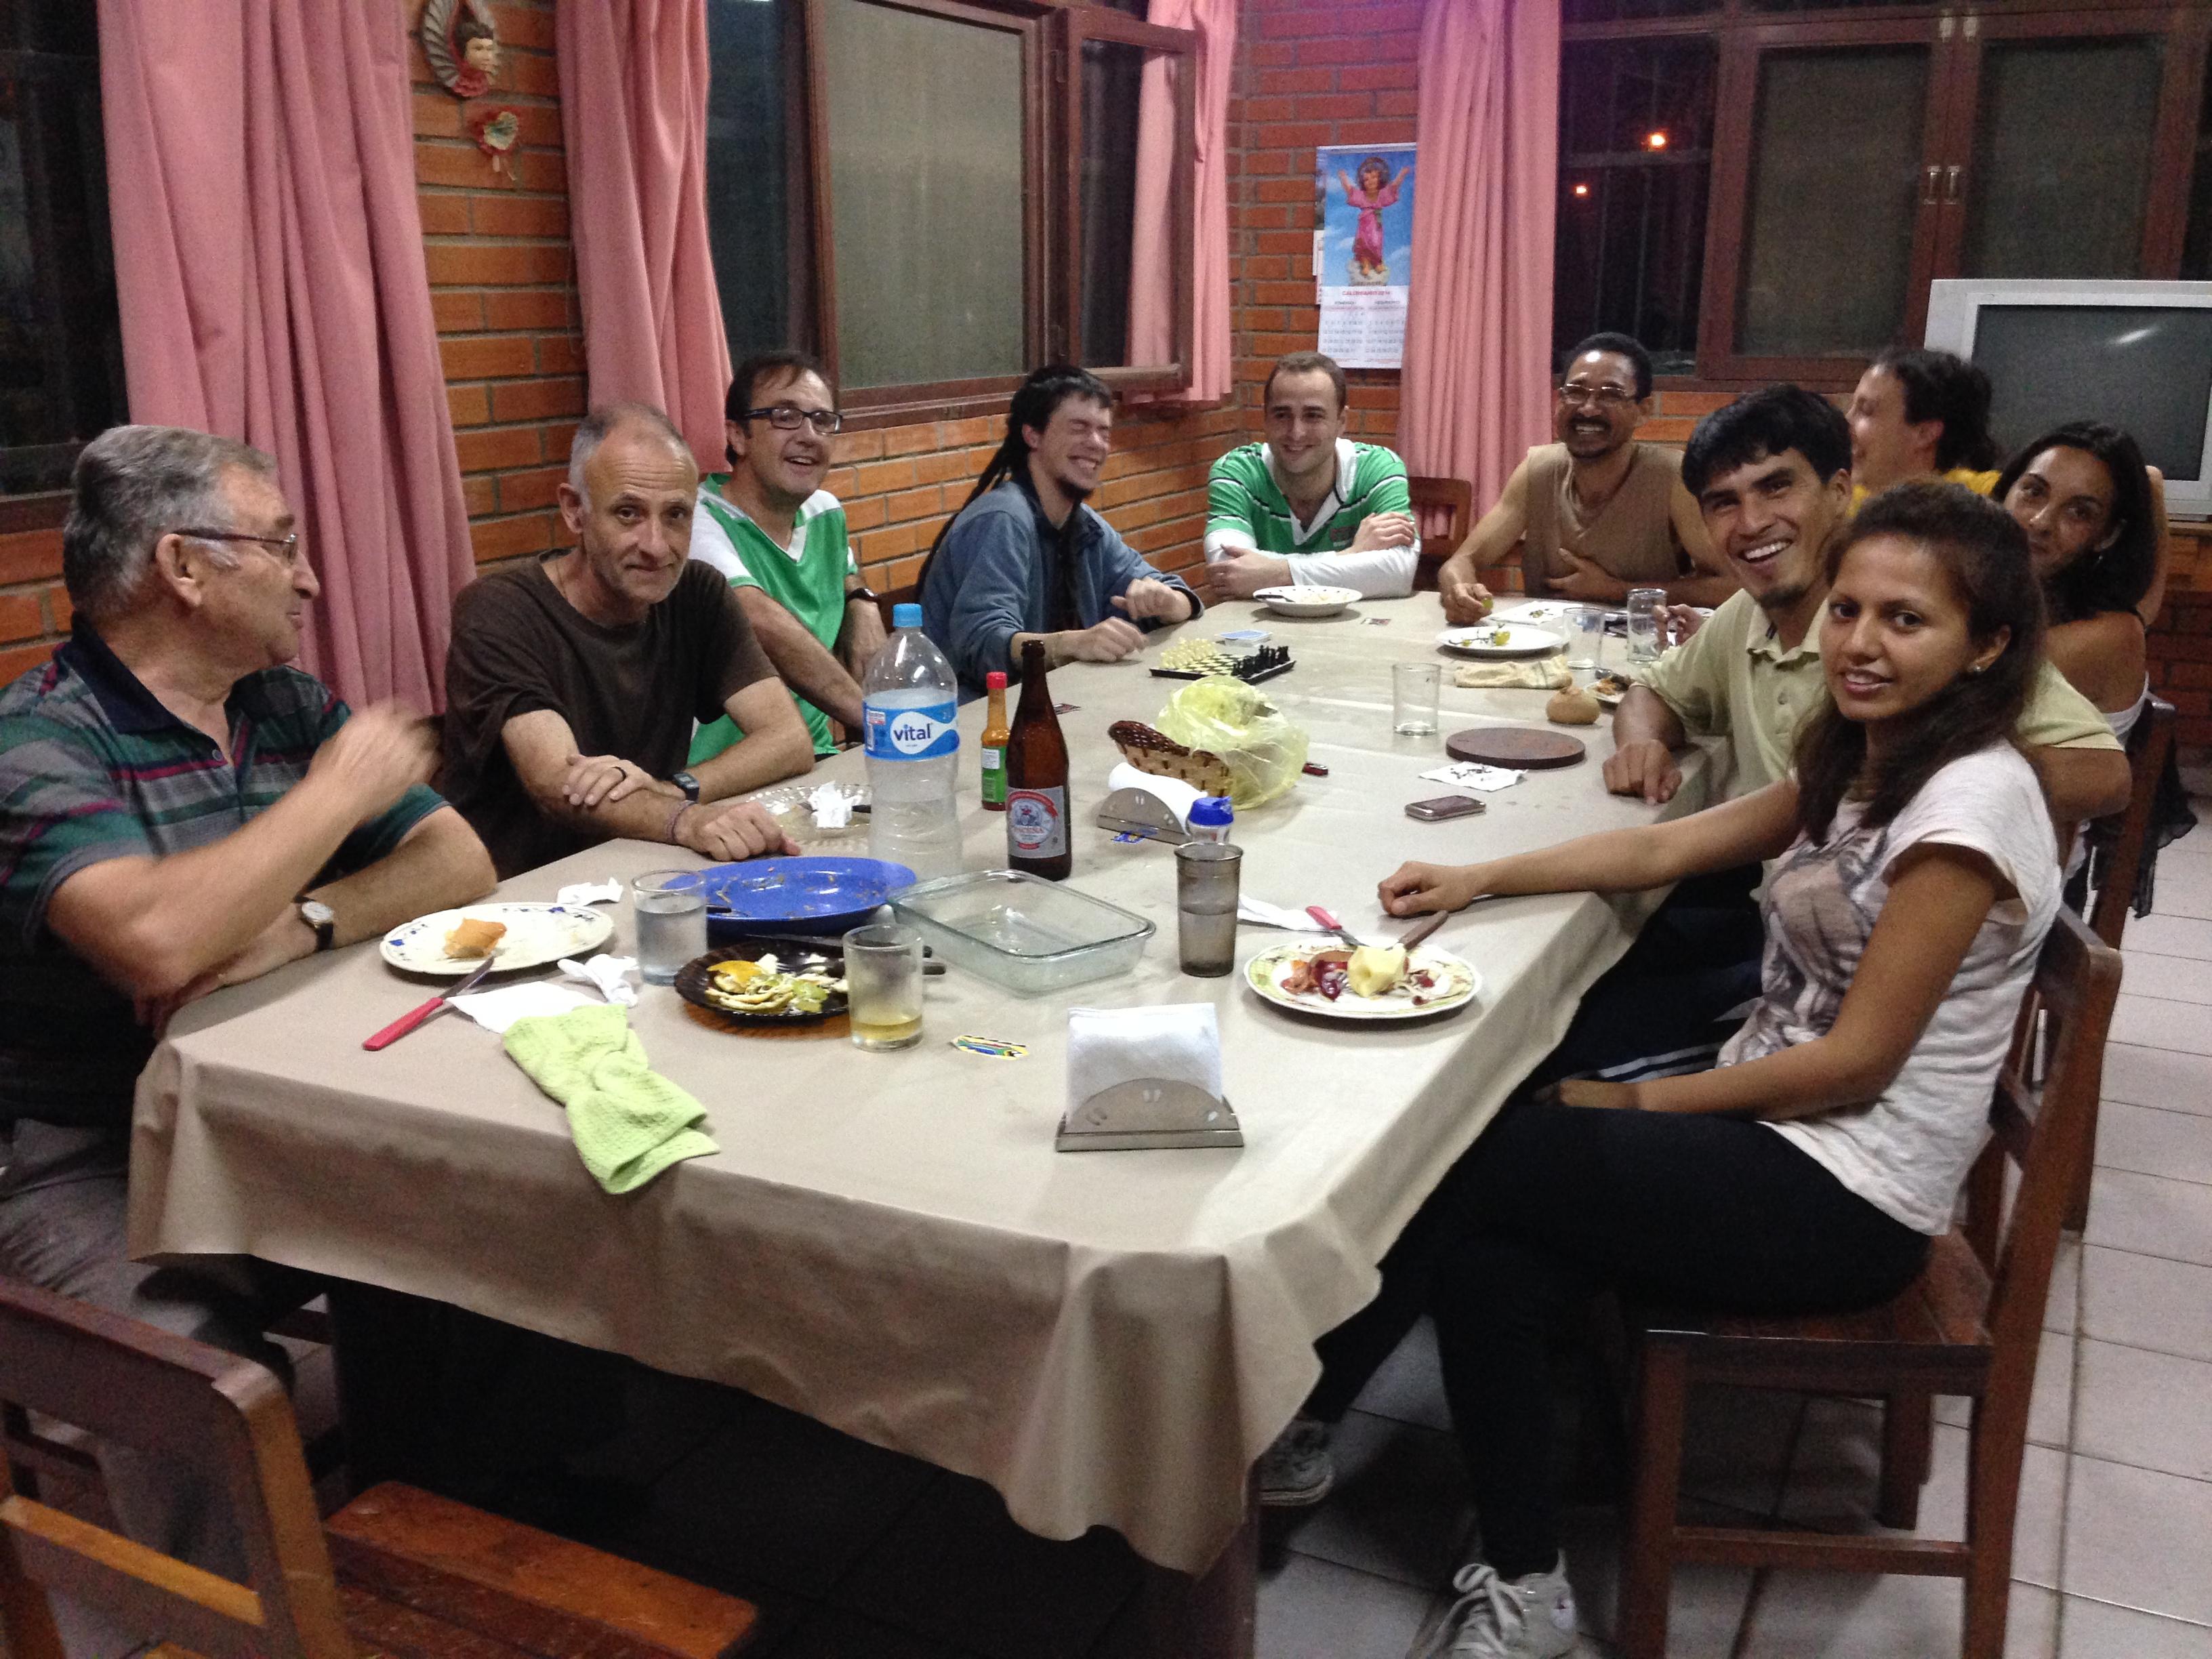 De izquierda a derecha. El Padre Germán, Javier, Enrique, Guillén, yo, Caonabo, Celia, María, Chapa y Wilma